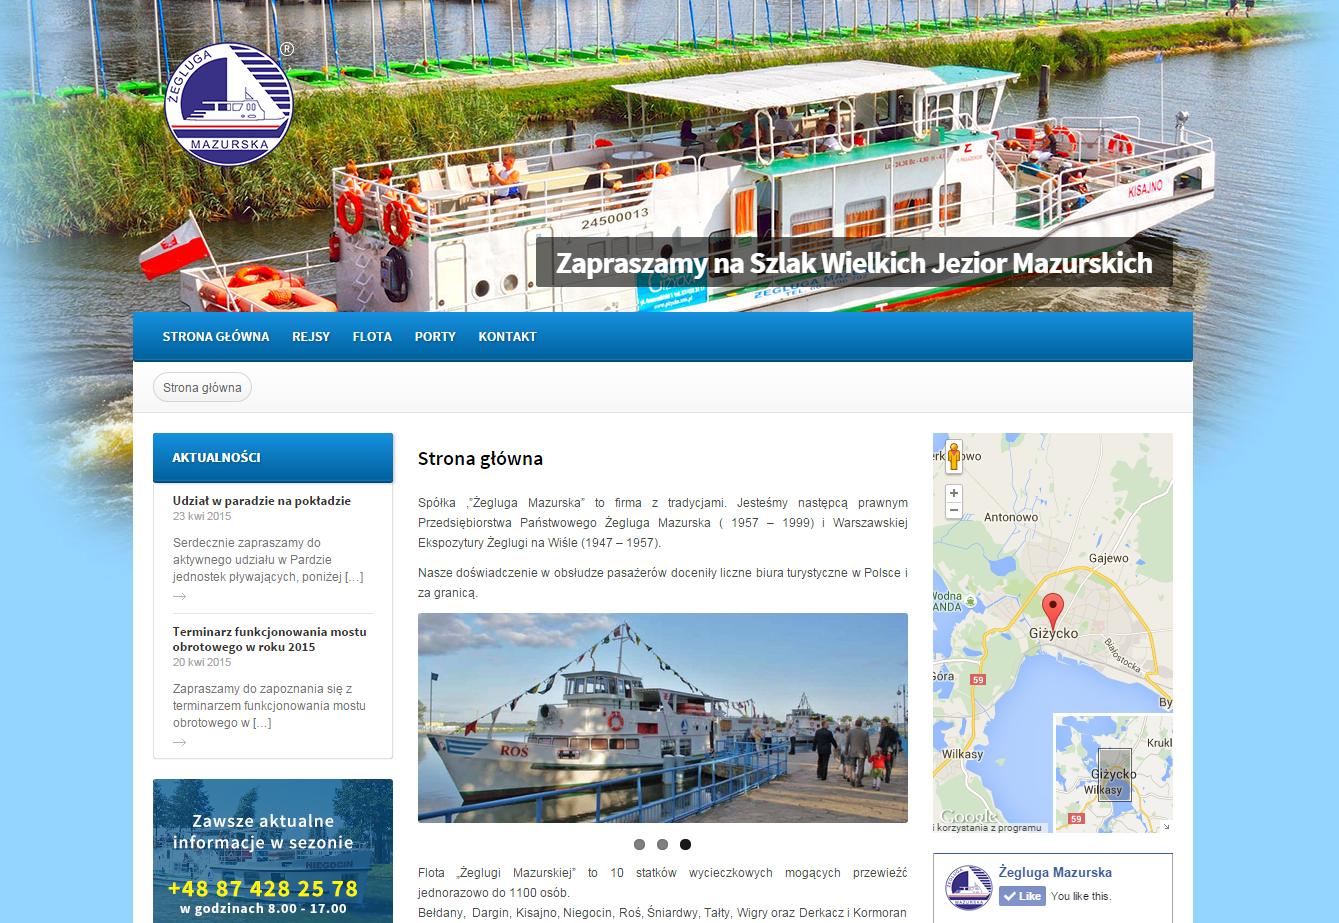 Rejsy statkami żeglugi mazurskiej